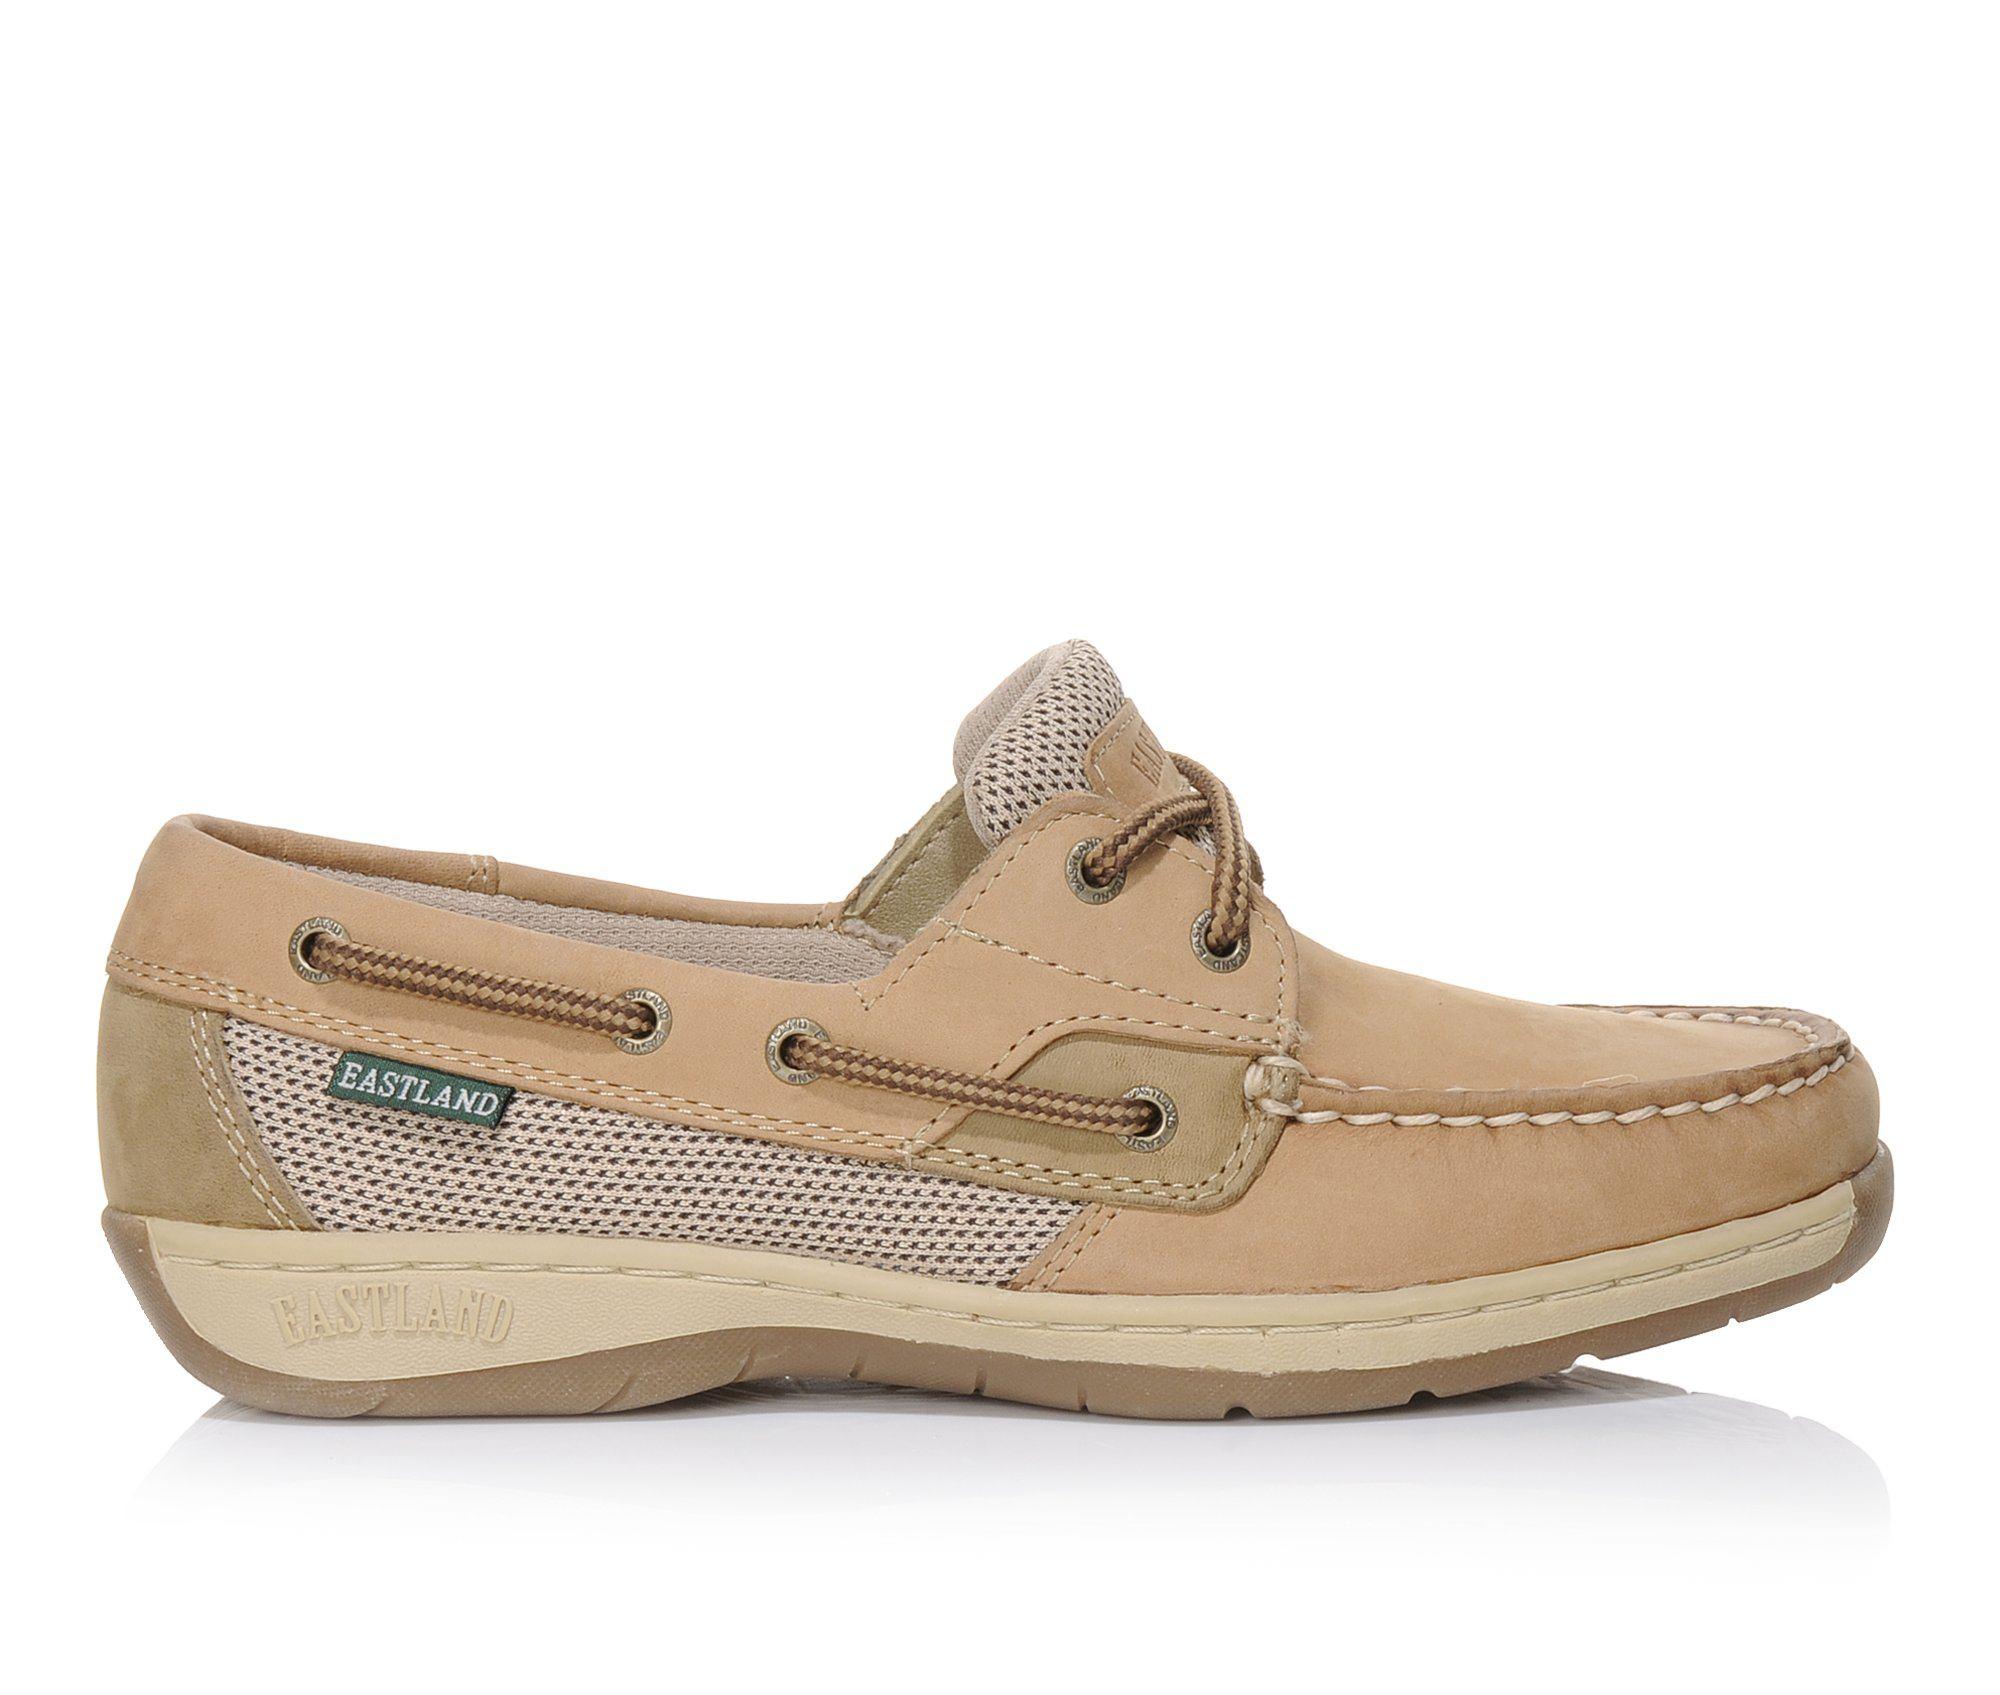 Eastland Solstice Women's Shoe (Beige Leather)